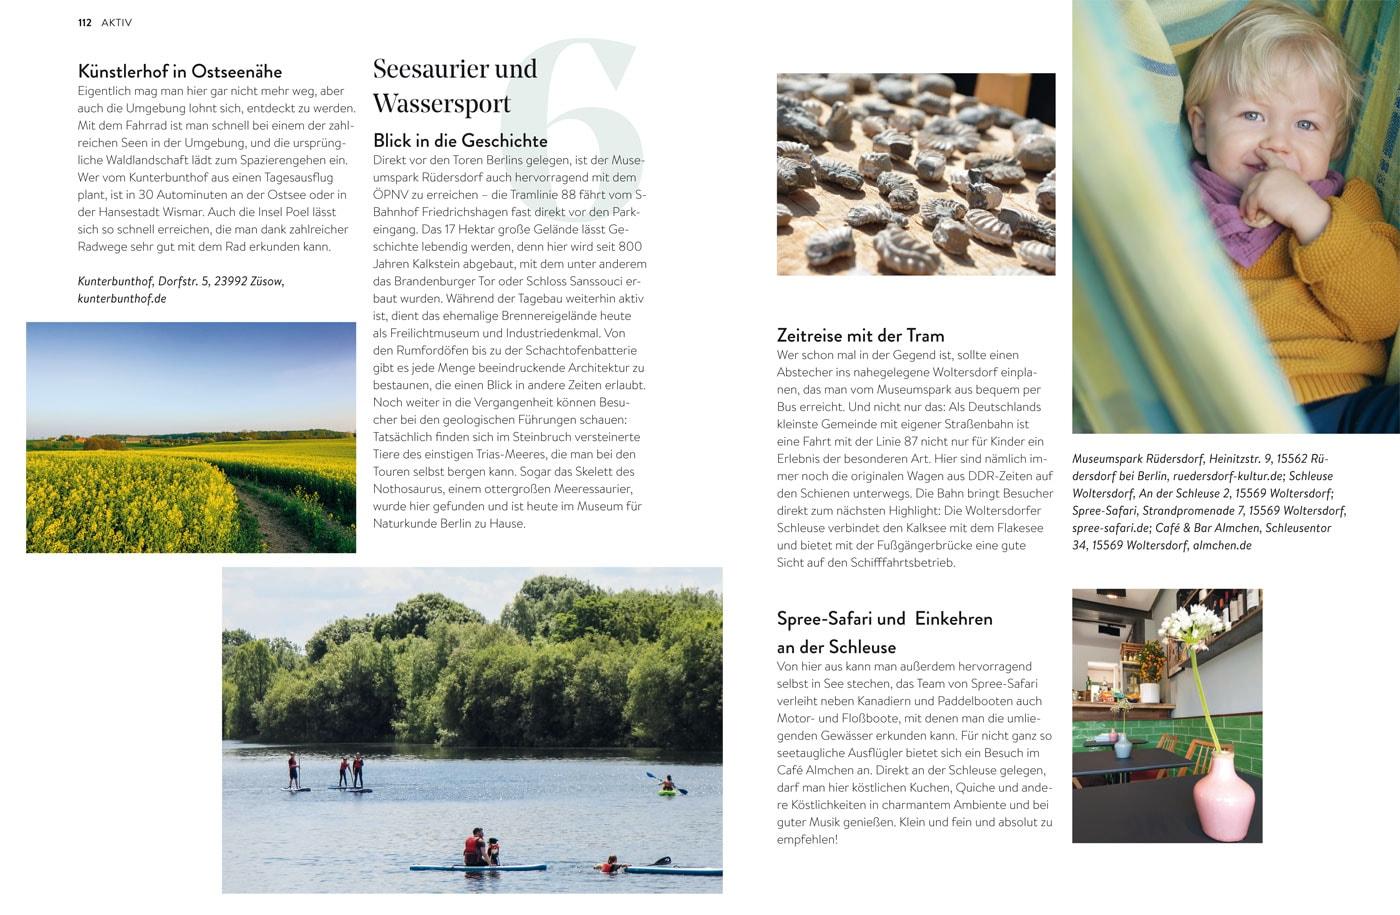 Ausflugstipps für Familien im HIMBEER Buch BERLIN MIT KIND 2021 // HIMBEER